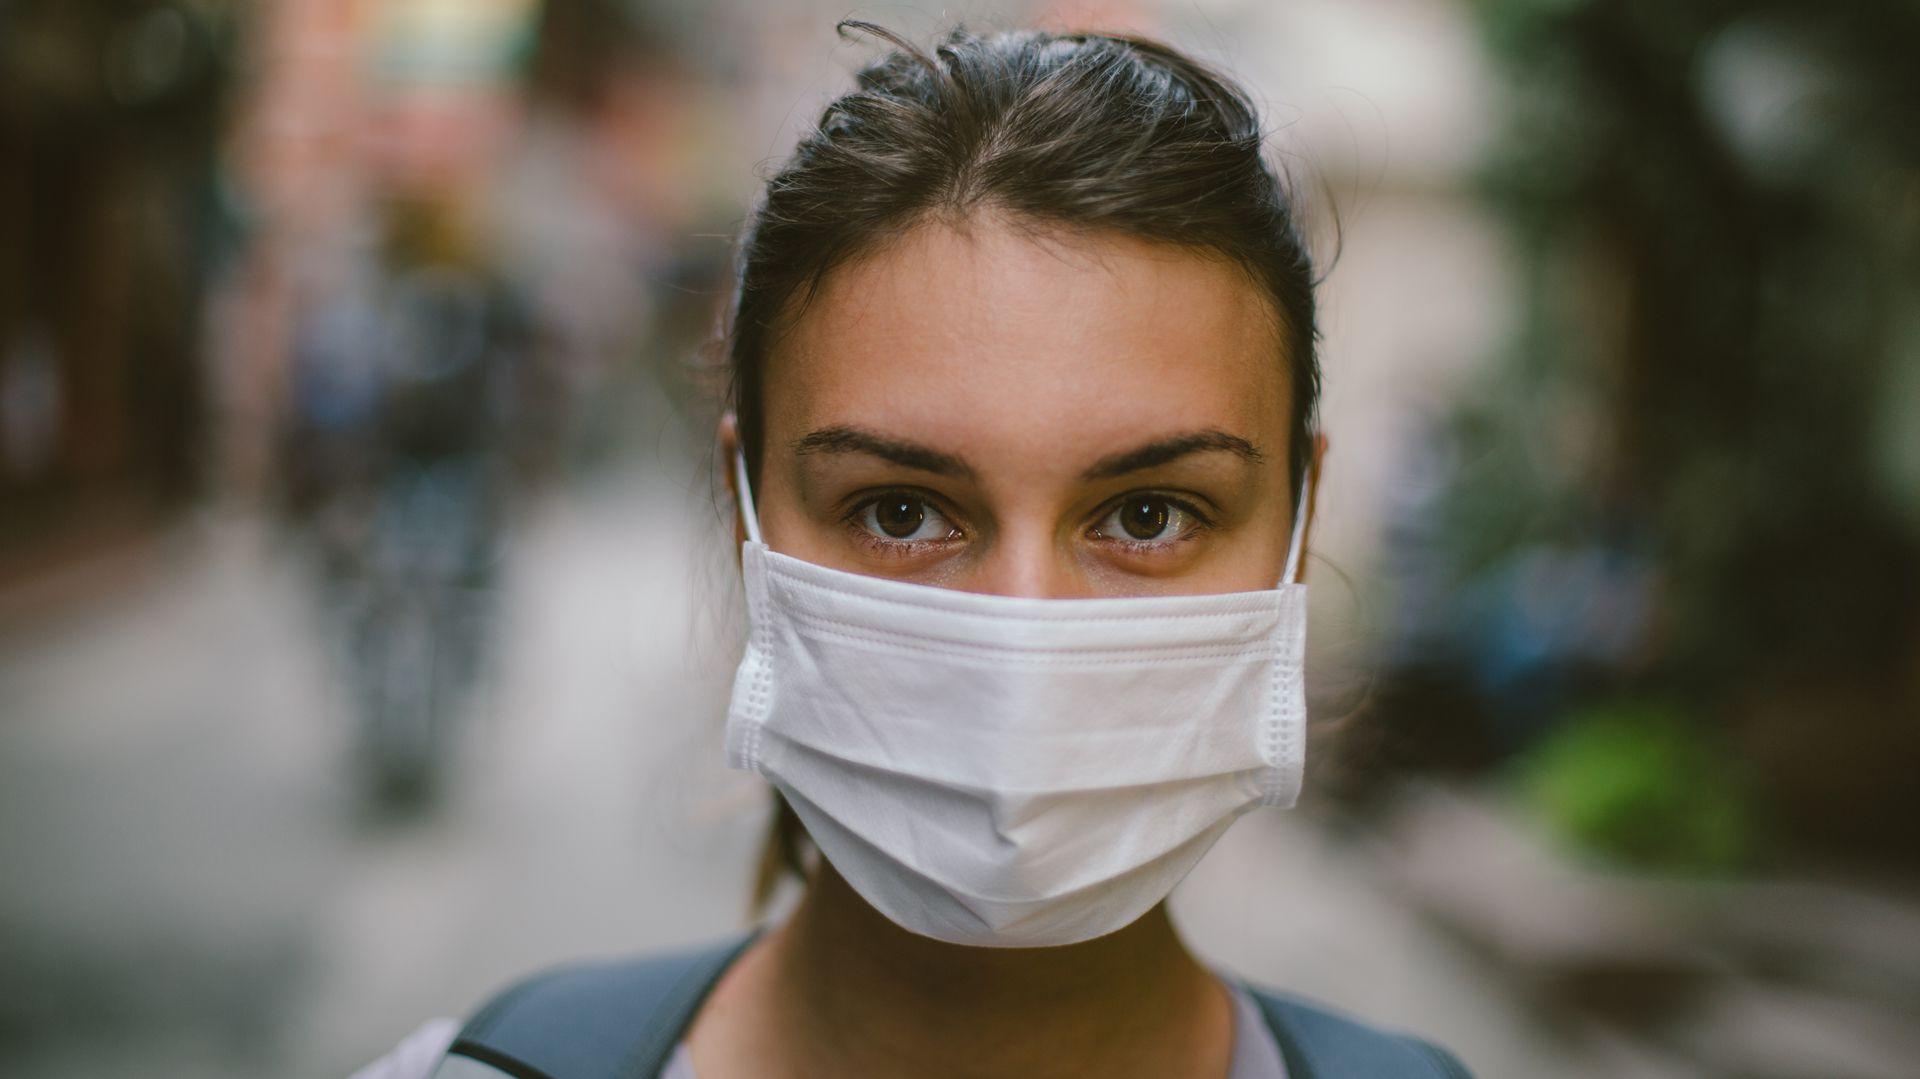 Nature preguntó a más de 100 inmunólogos, investigadores de enfermedades infecciosas y virólogos que trabajaban en coronavirus si podía erradicarse. Casi el 90% de los encuestados piensa que se volverá endémico (Getty)